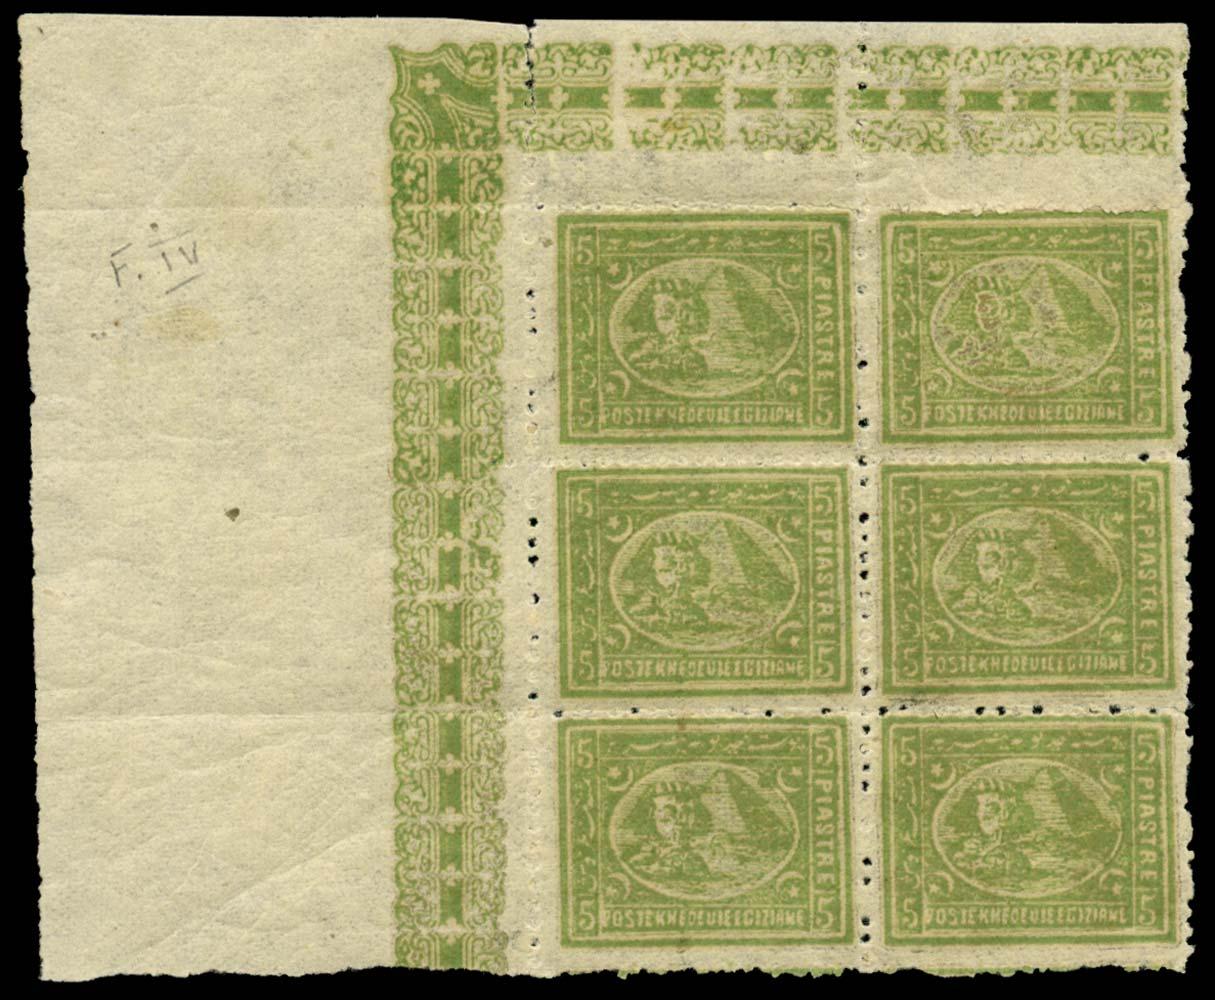 EGYPT 1874  SG41 Mint